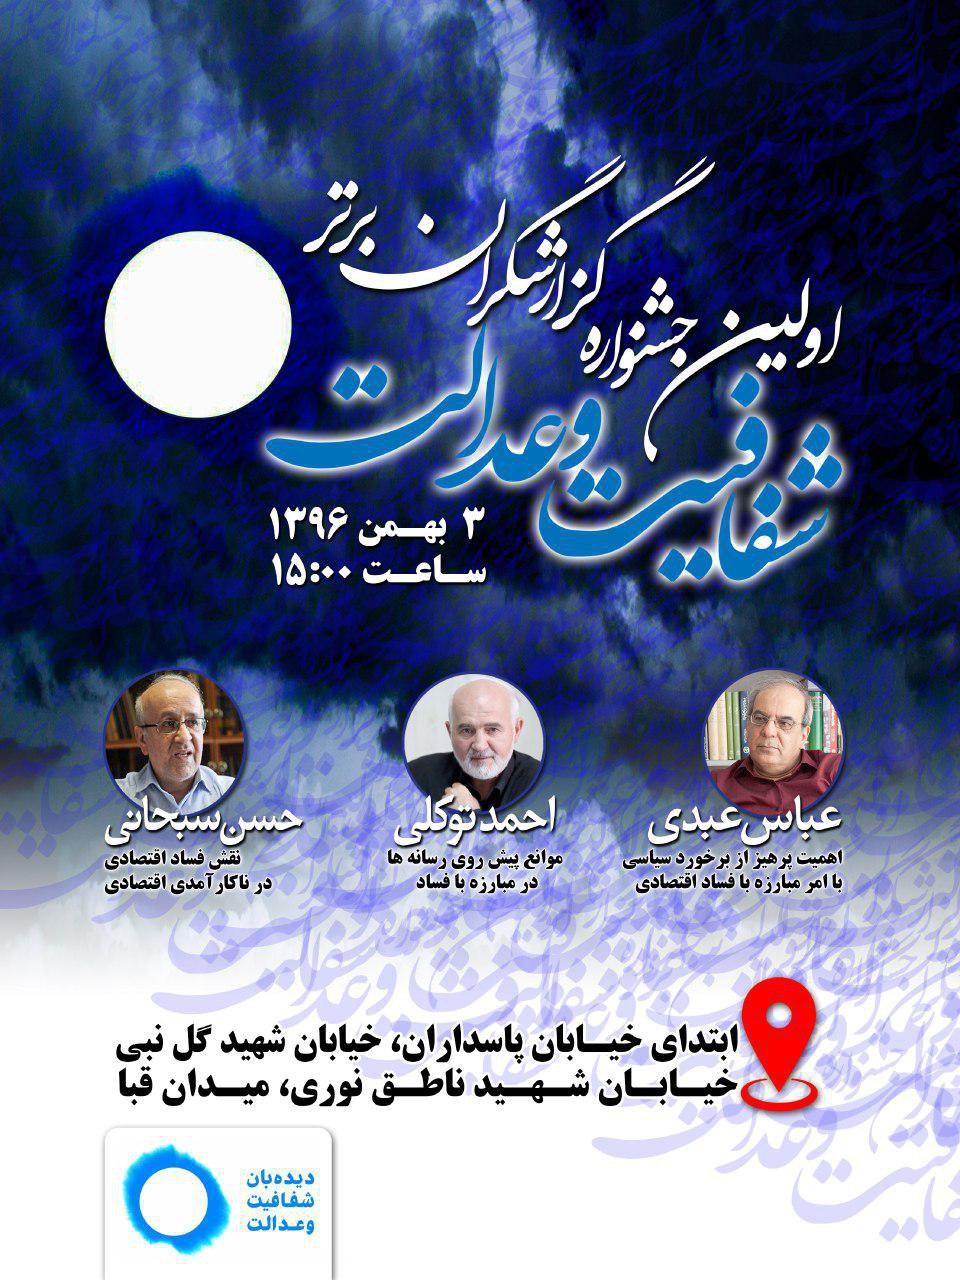 دعوت احمد توکلی برای حضور در یک جشنواره